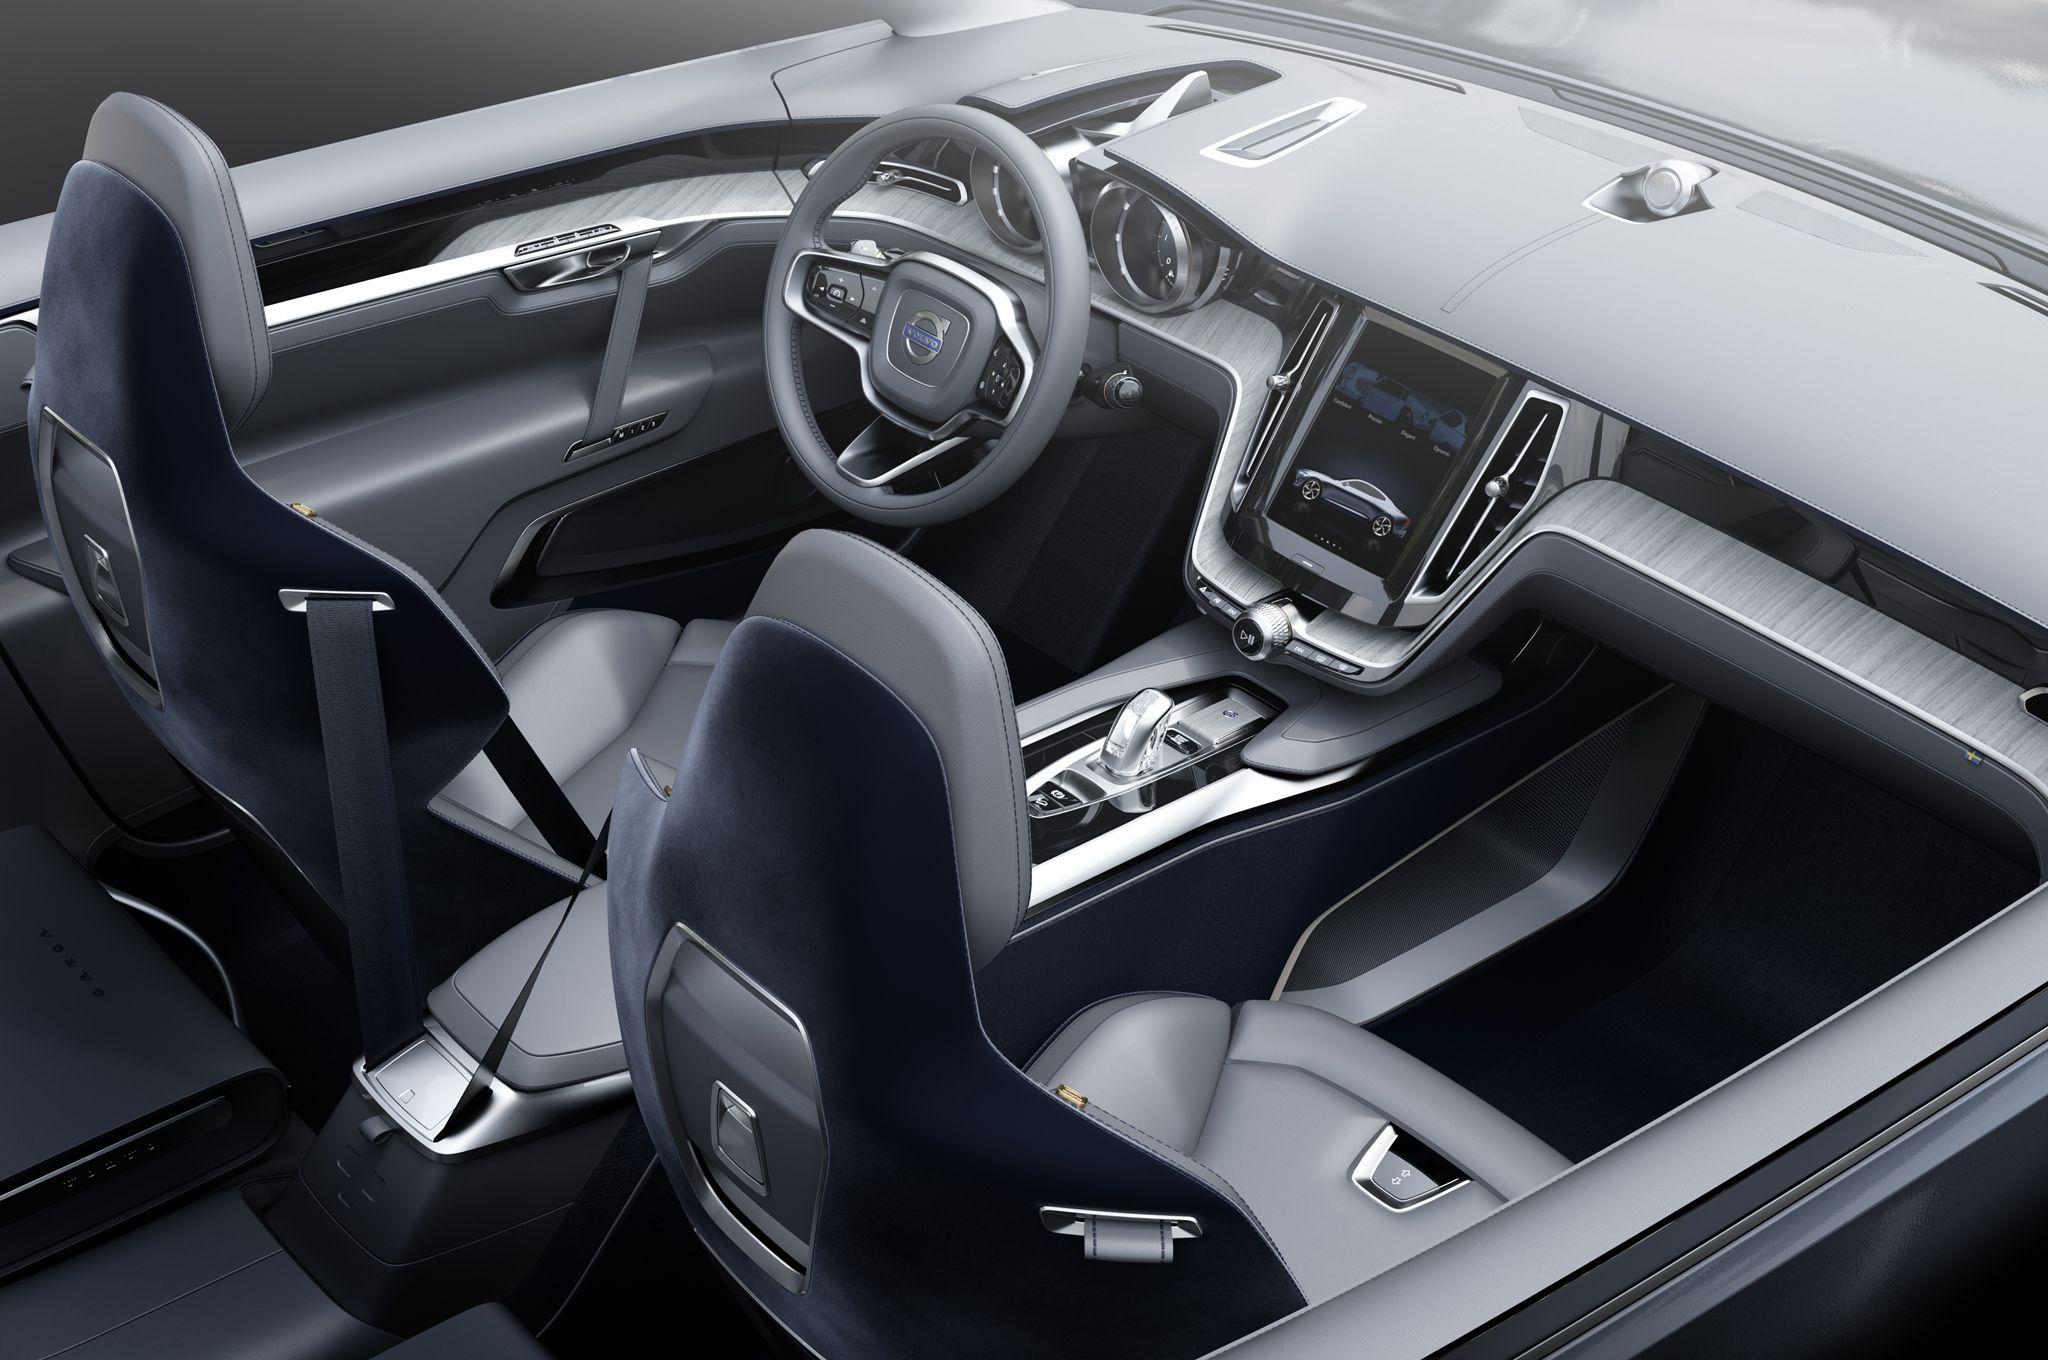 2015 Volvo Concept Xc Coupe Interior Car Interior Volvo